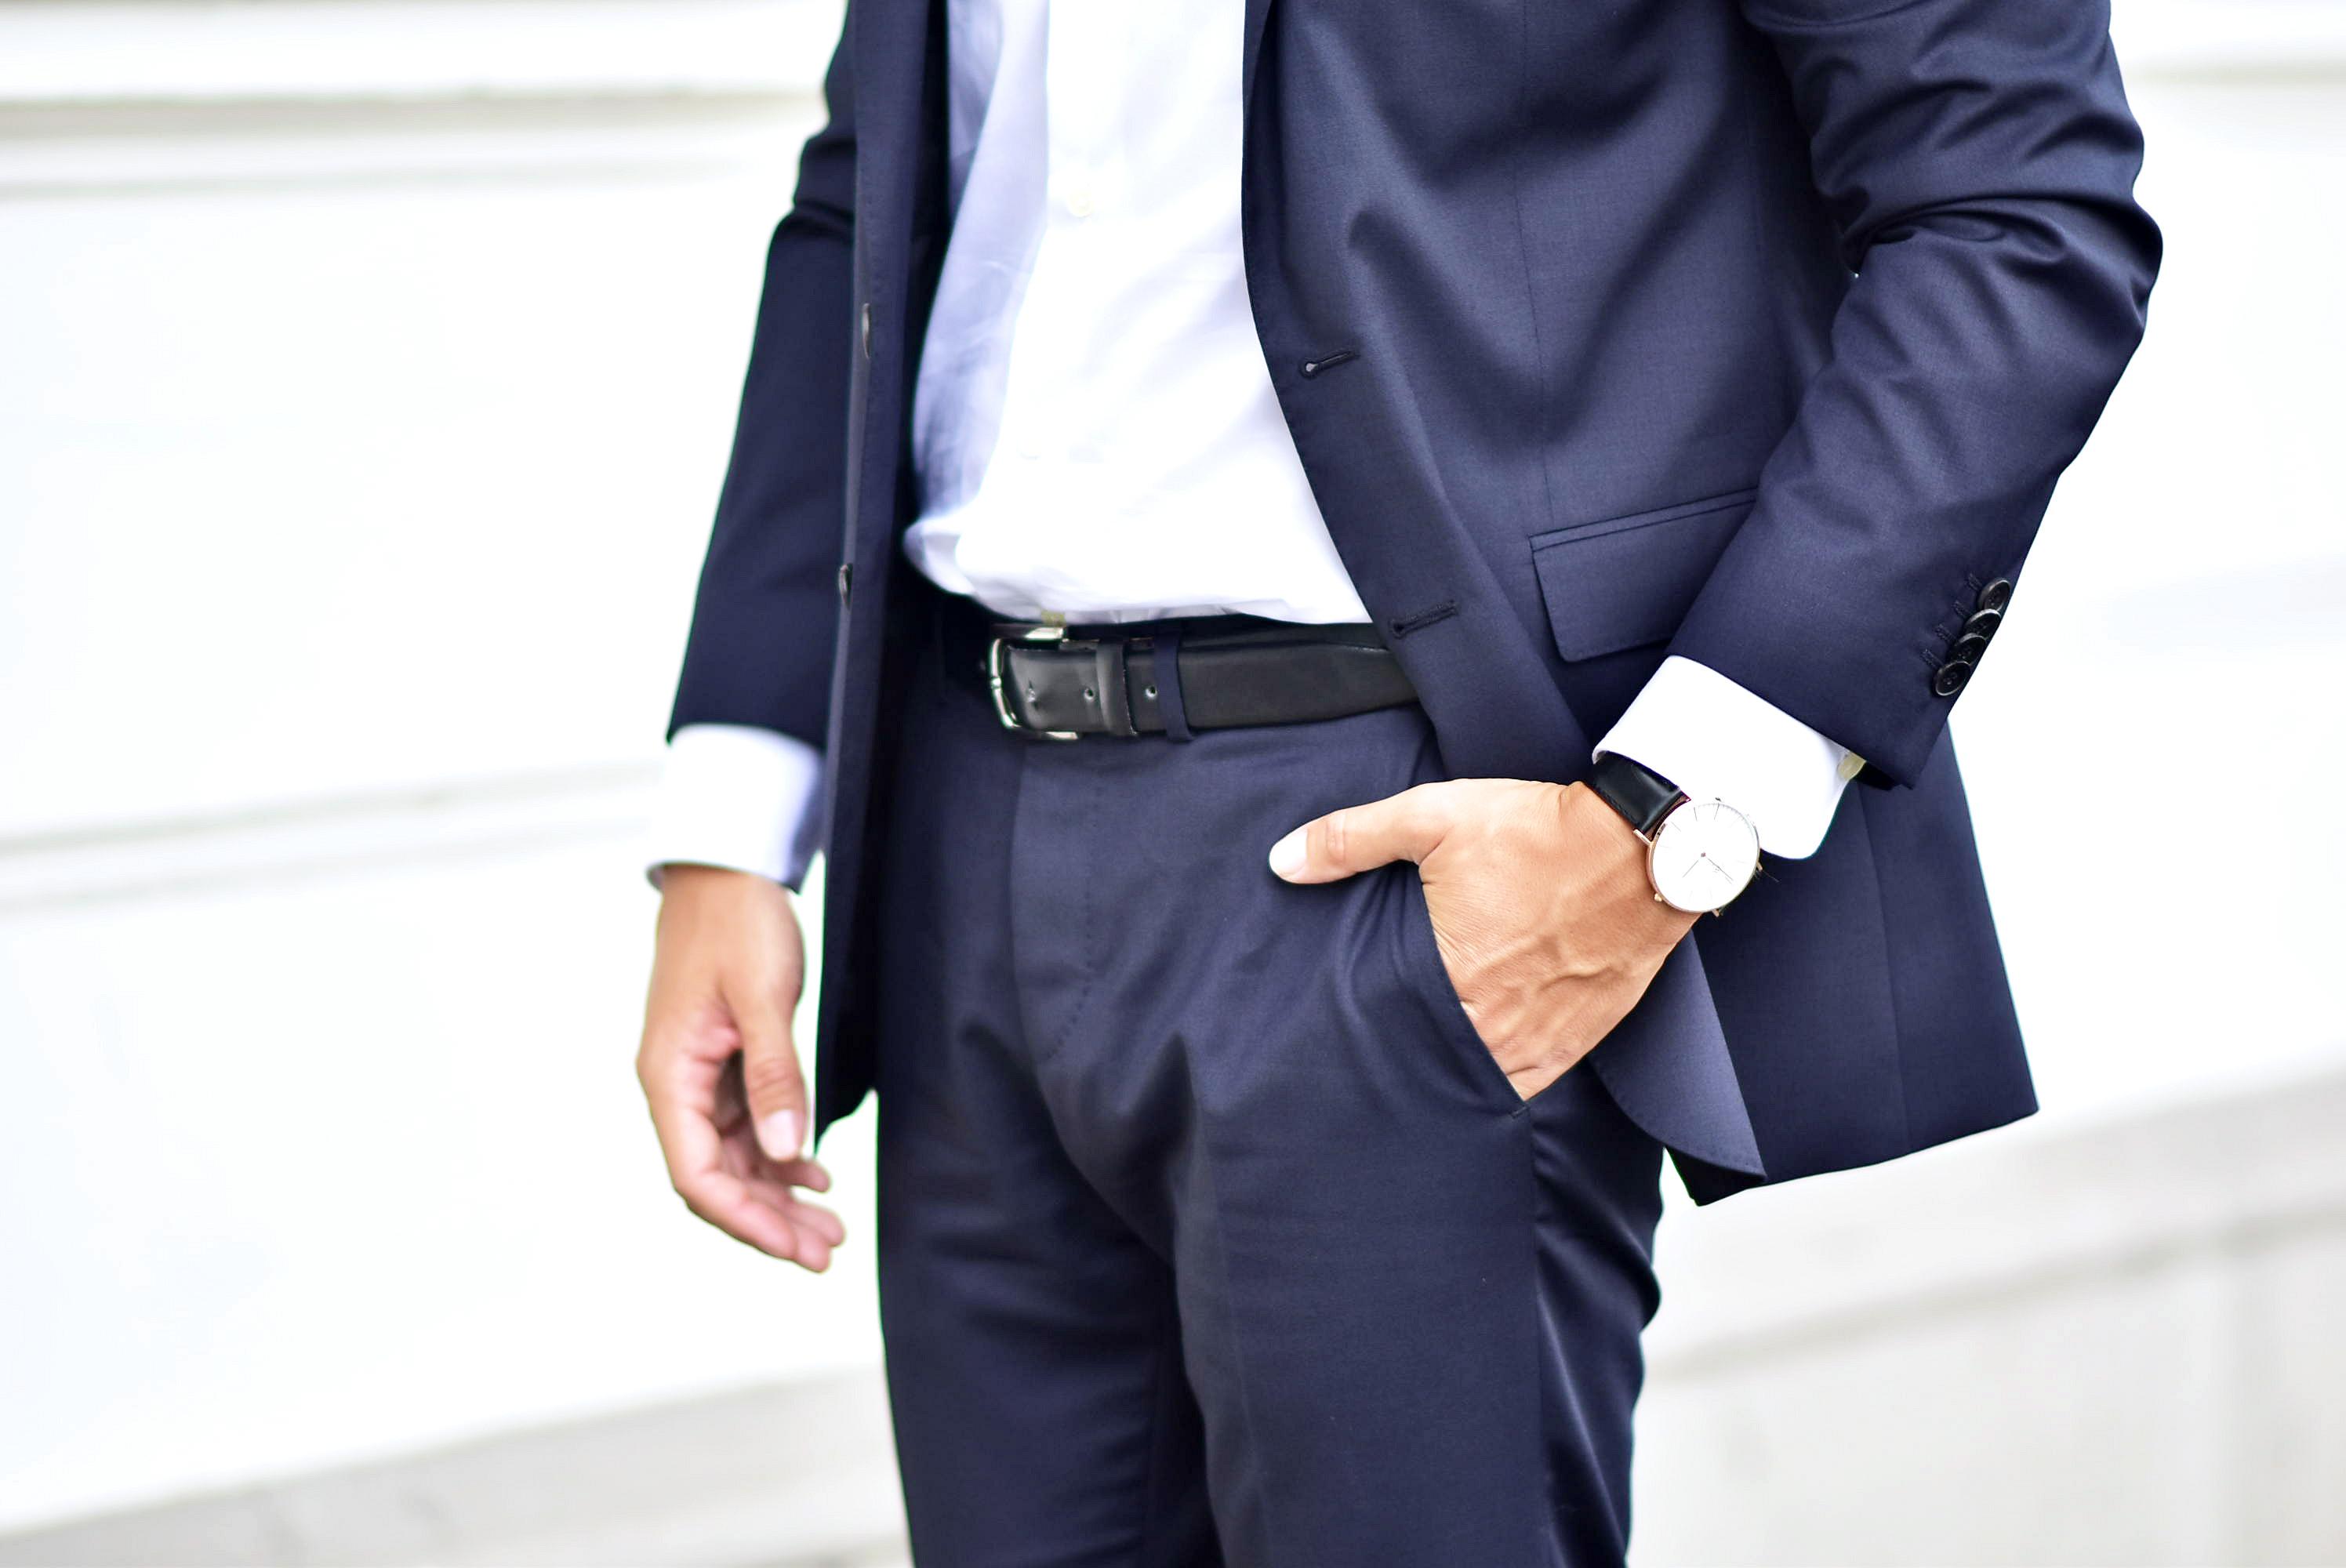 Anzug anpassen lassen strenge anz ge foto blog 2017 - Hochzeitsanzug hugo boss ...